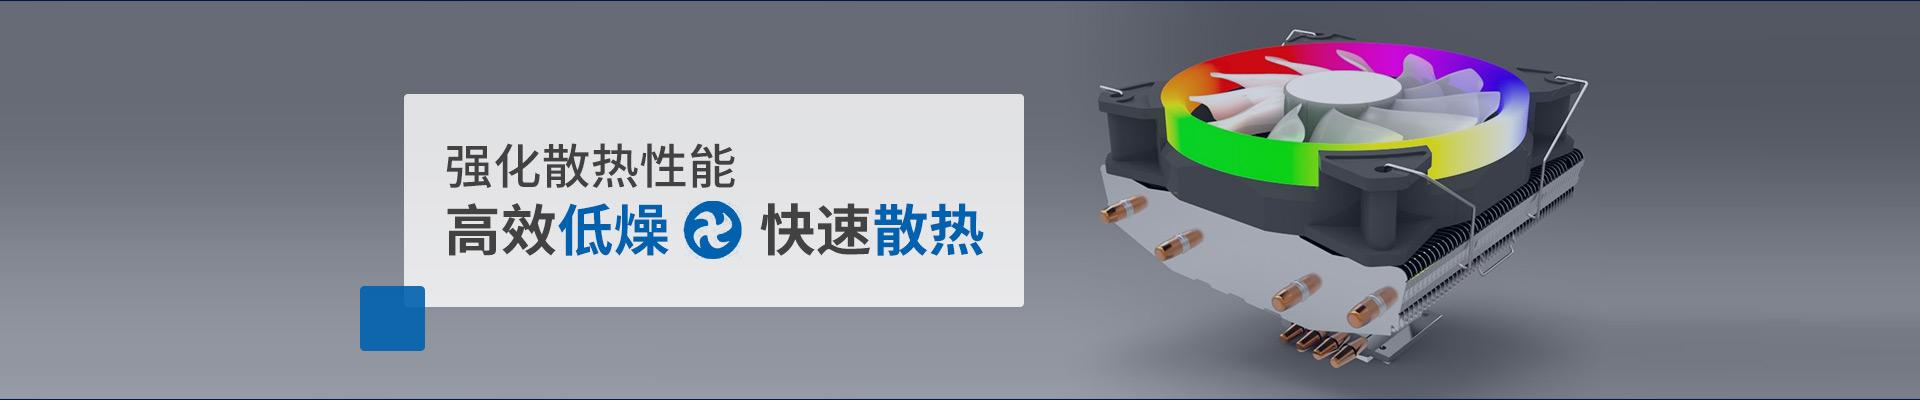 宝迪凯CPU散热器:强化散热性能 高效低燥 快速散热